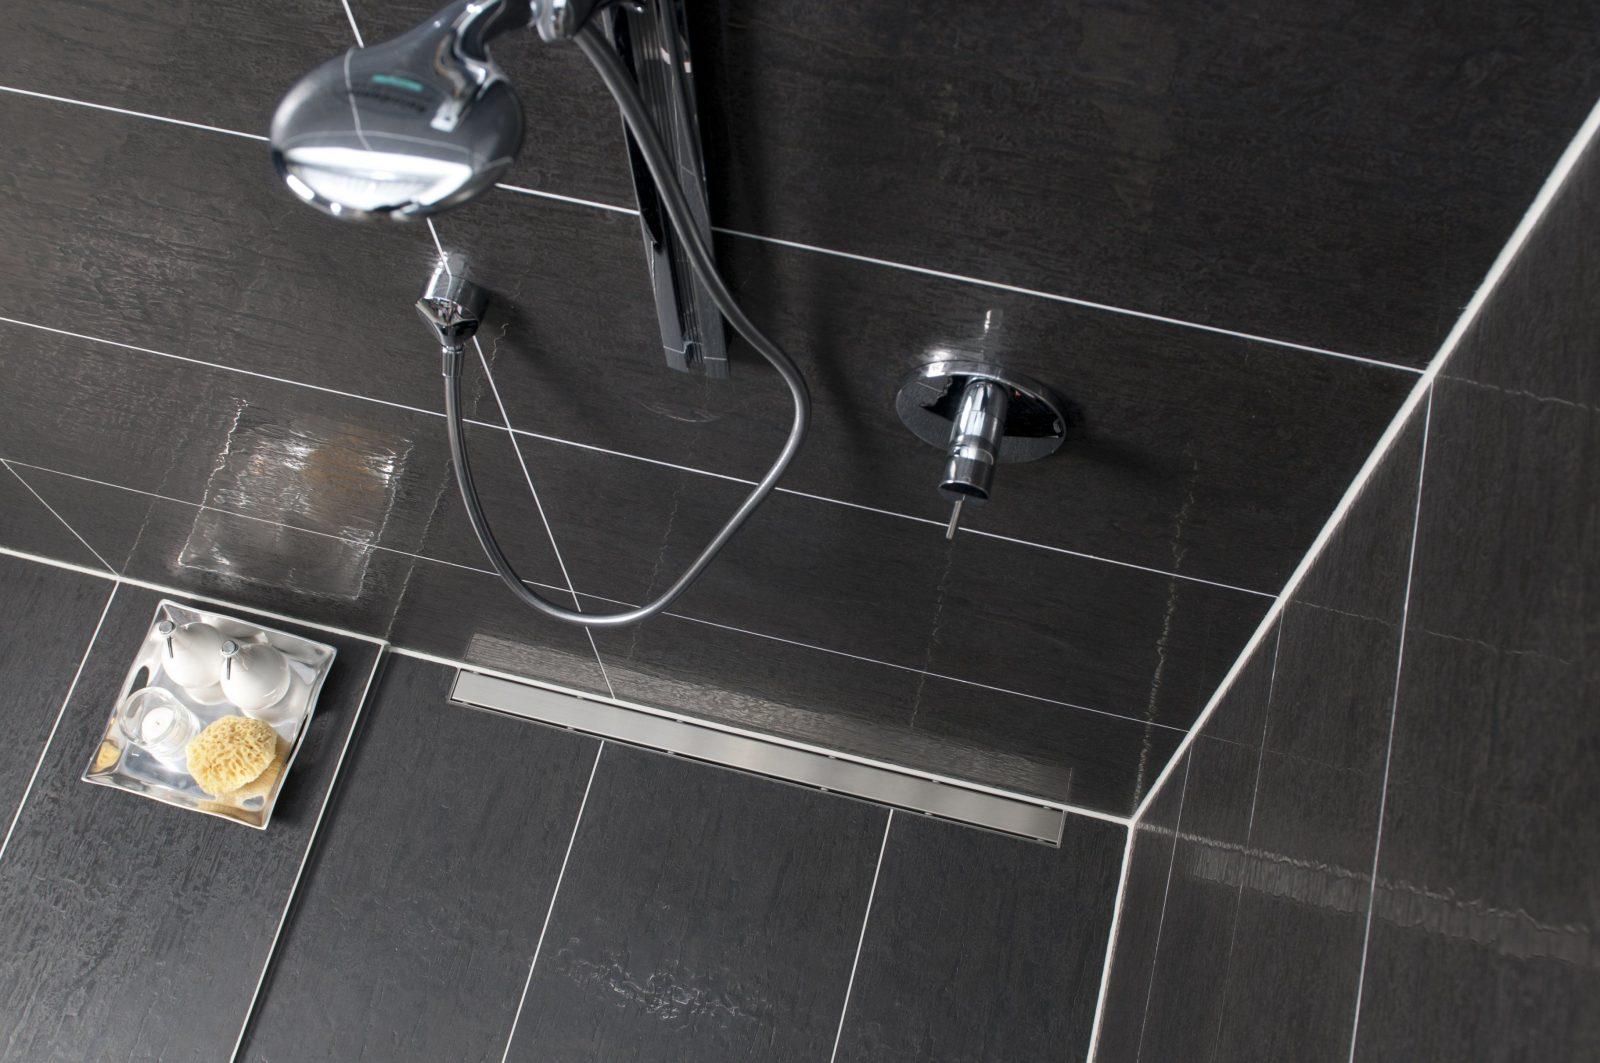 Gutjahr  Bodengleiche Dusche Schon Ab 28 Mm Aufbauhöhe Gutjahr von Ablauf Für Bodengleiche Dusche Bild